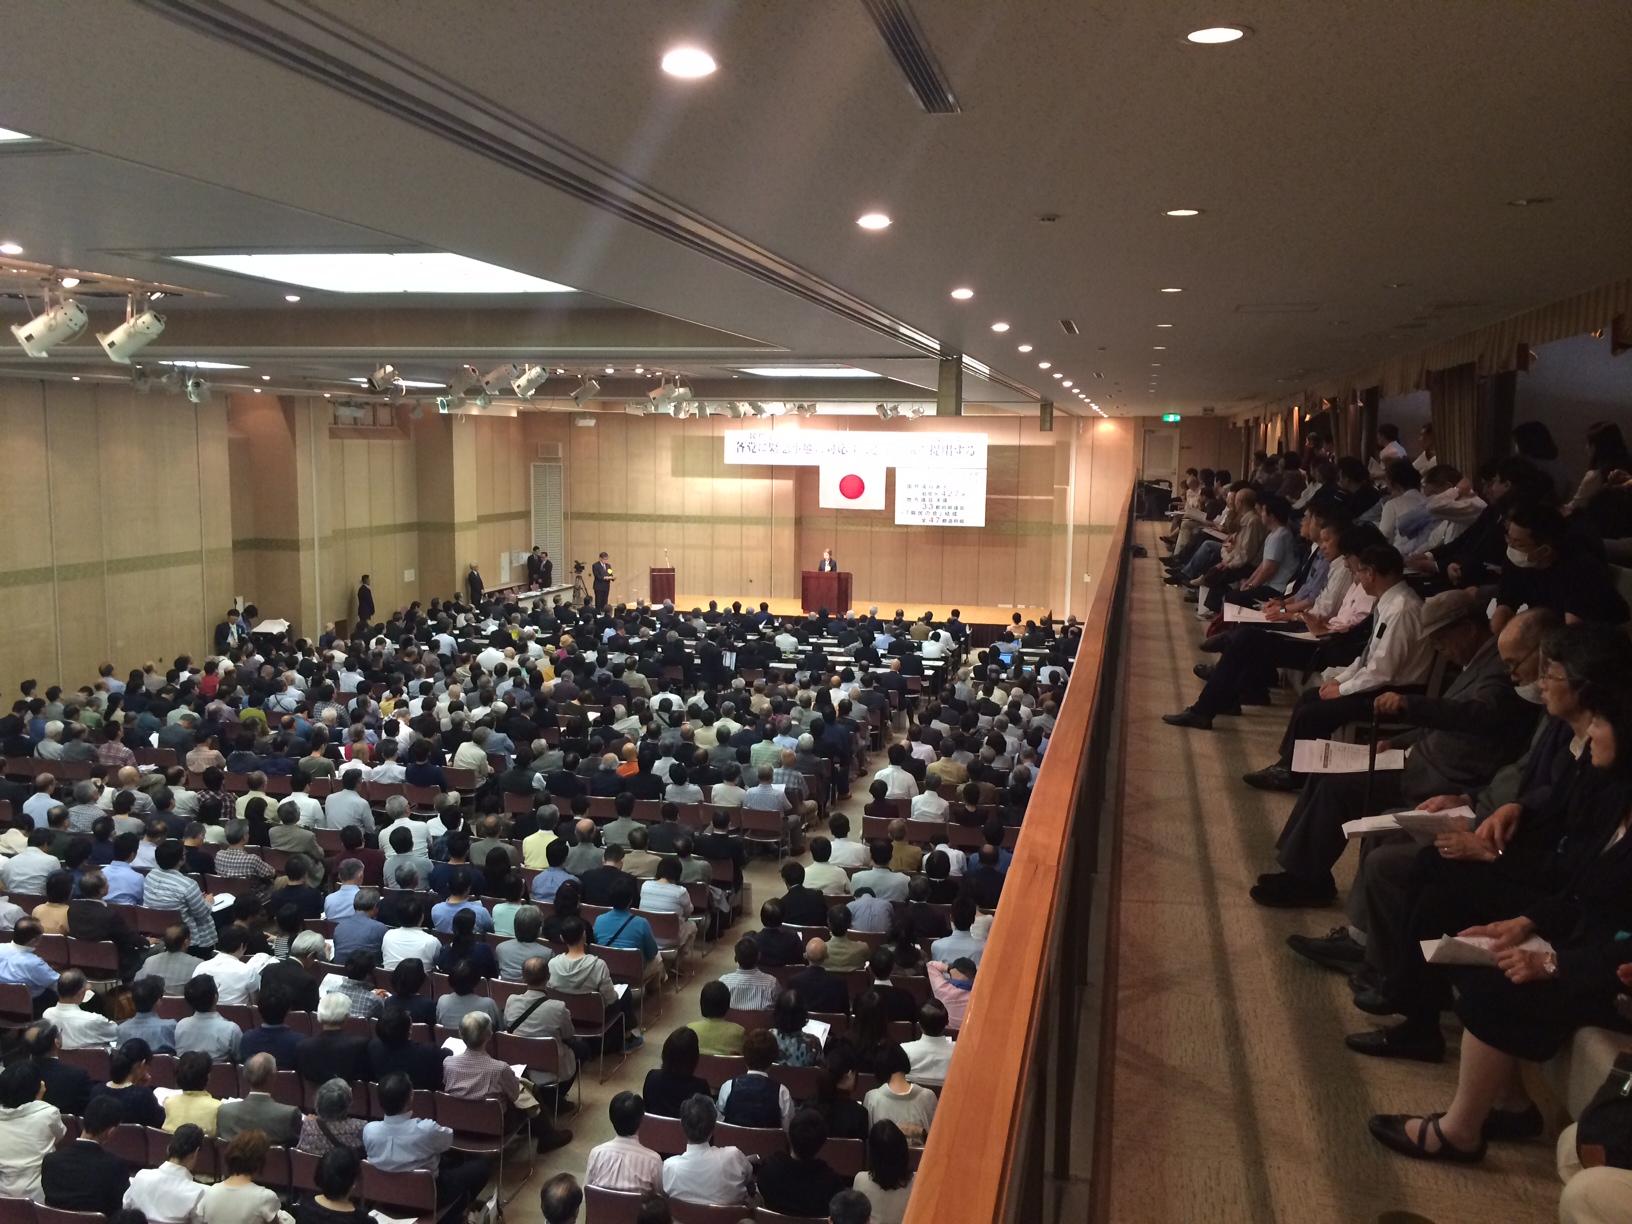 「日本と世界の若者との根本的な違いは安全保障への関心度。インドのチャラ男に聞いても、中国が脅威だと意識している-公開憲法フォーラムで慶応大学女子学生のスピーチ。」の画像